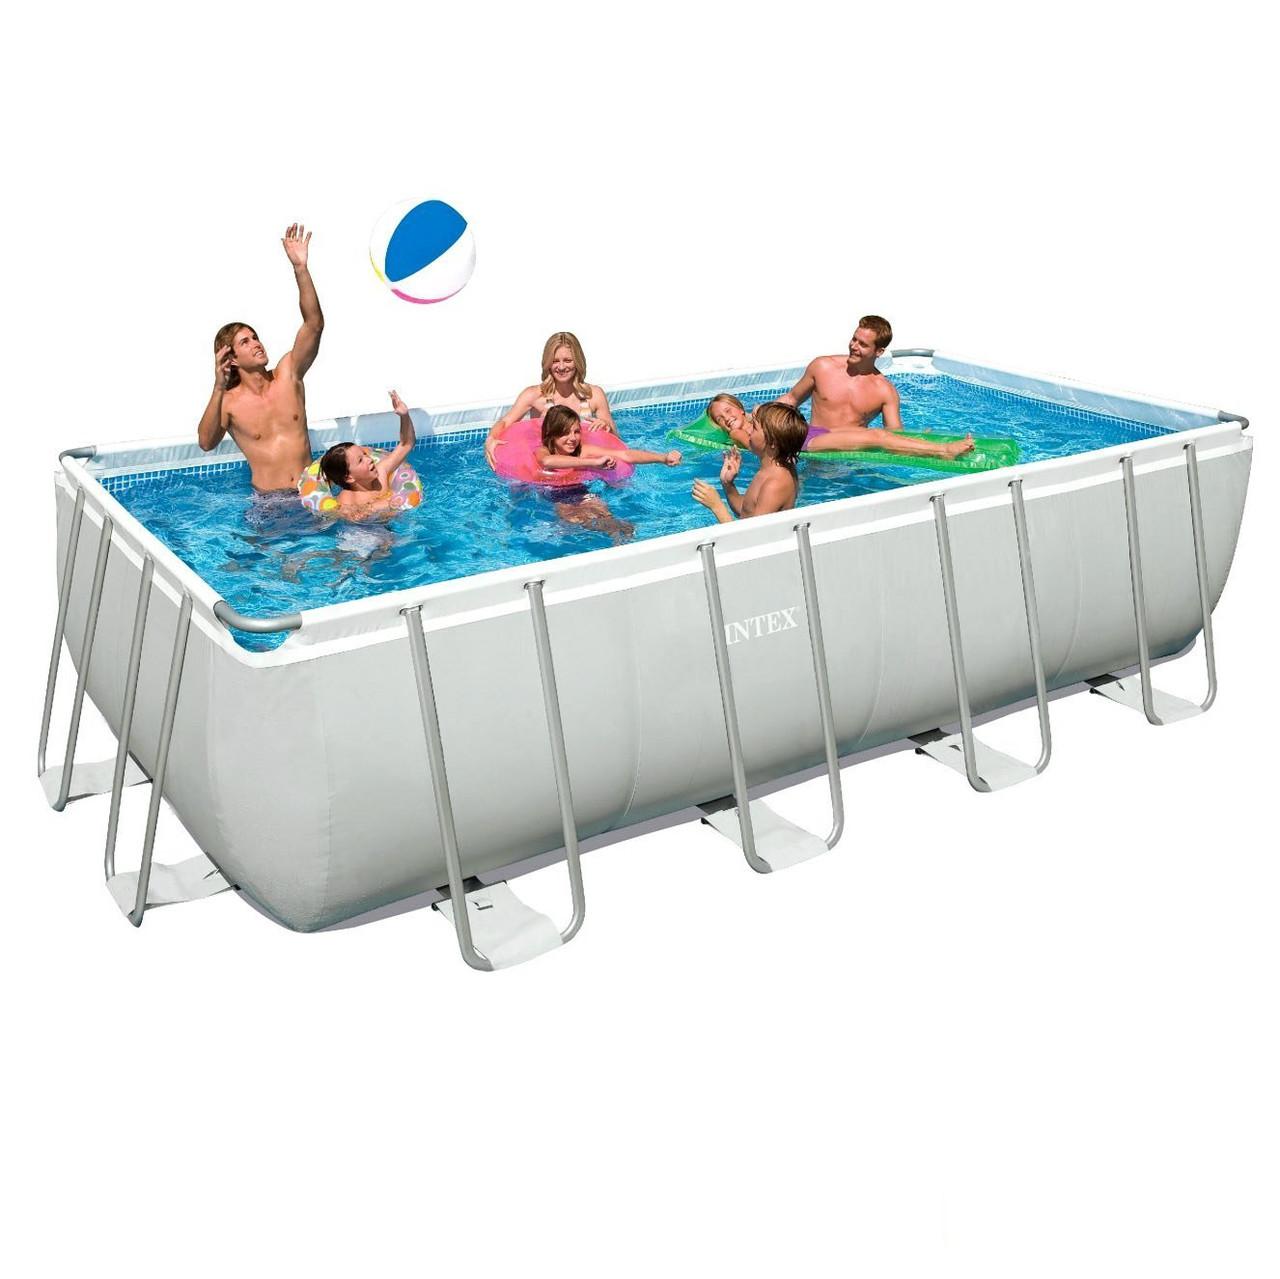 Каркасный бассейн Intex 28350. Сборный Ultra Frame 400 х 200 х 100 см